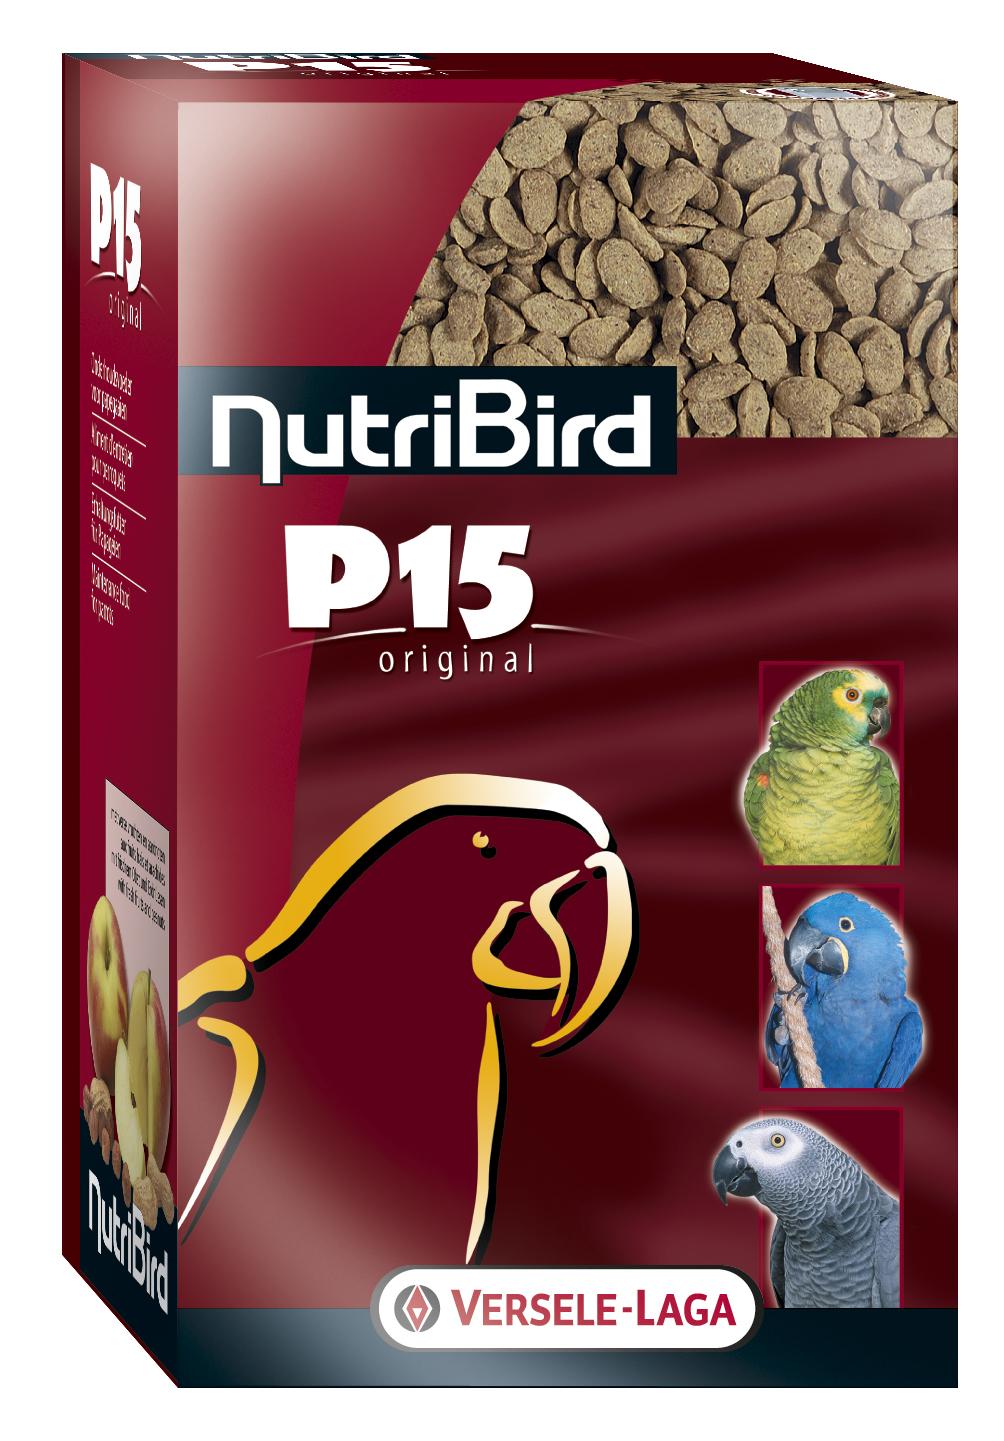 Nutribird P15 Original <br>1 kg